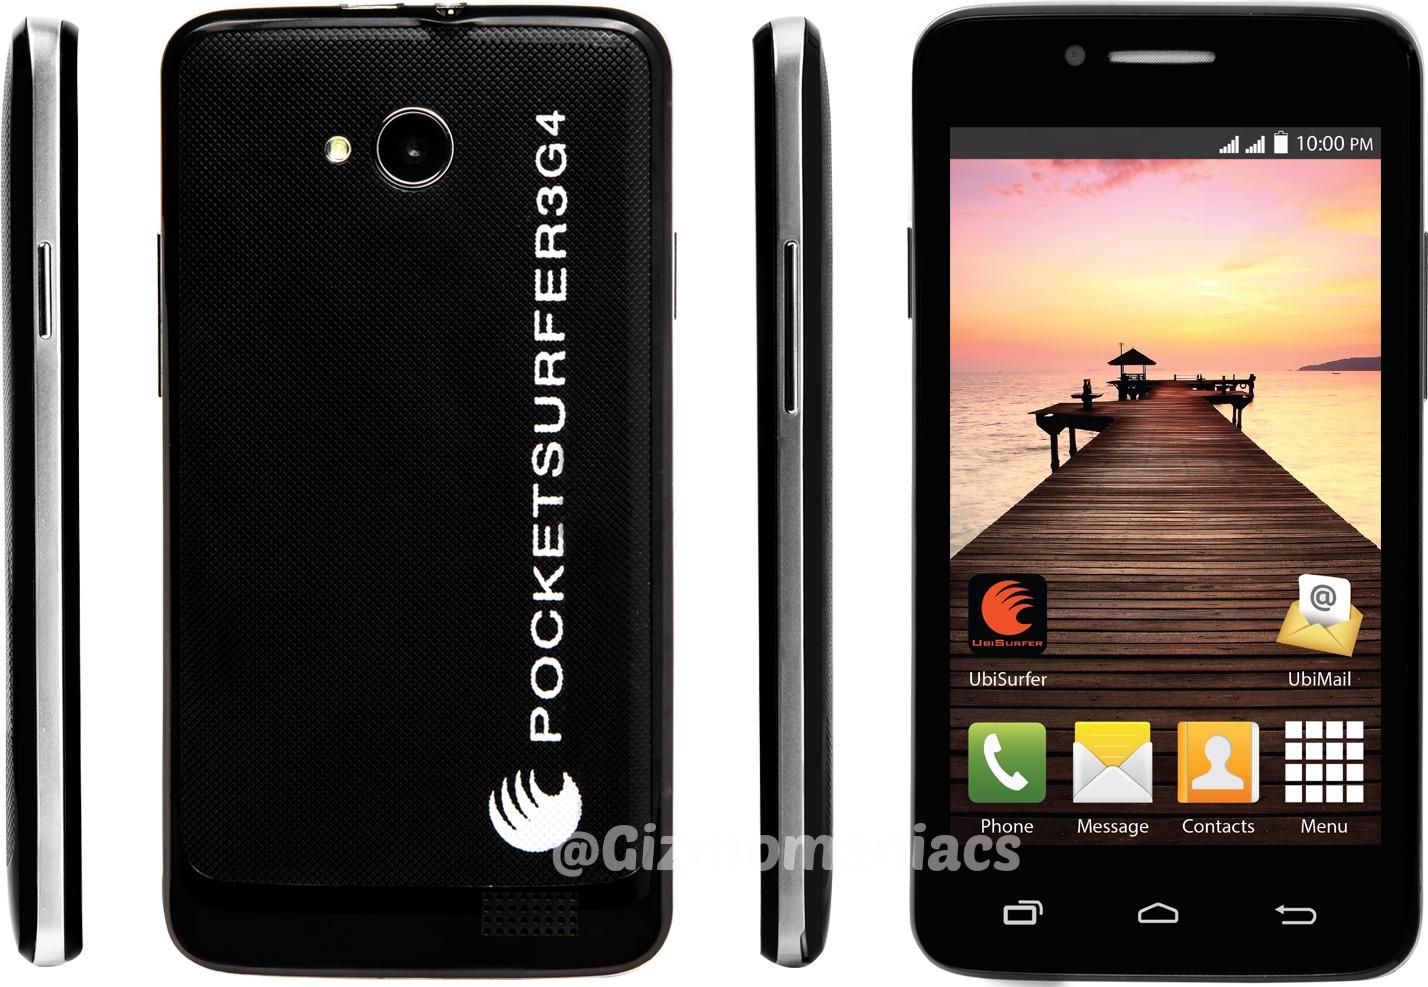 Pocket Surfer 3G4